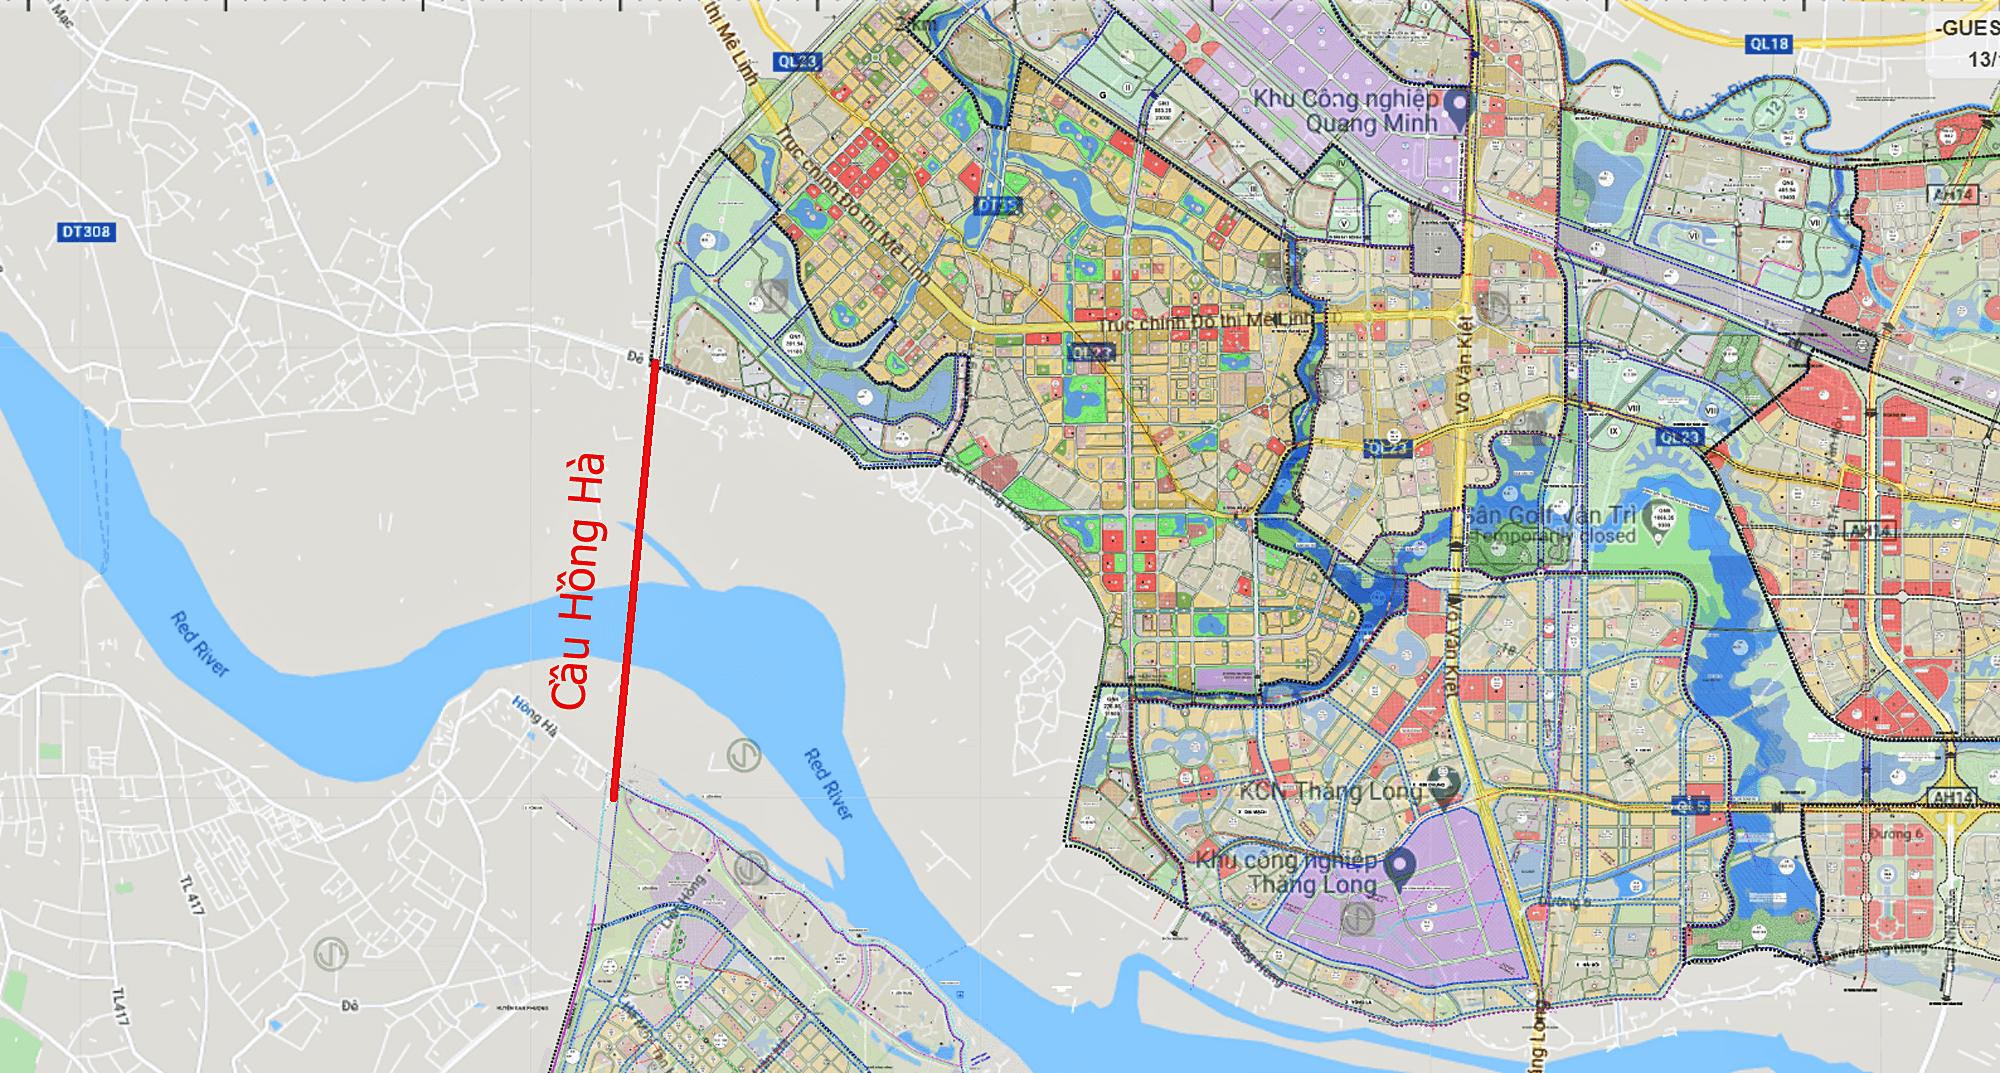 Bản đồ vị trí làm cầu Hồng Hà.